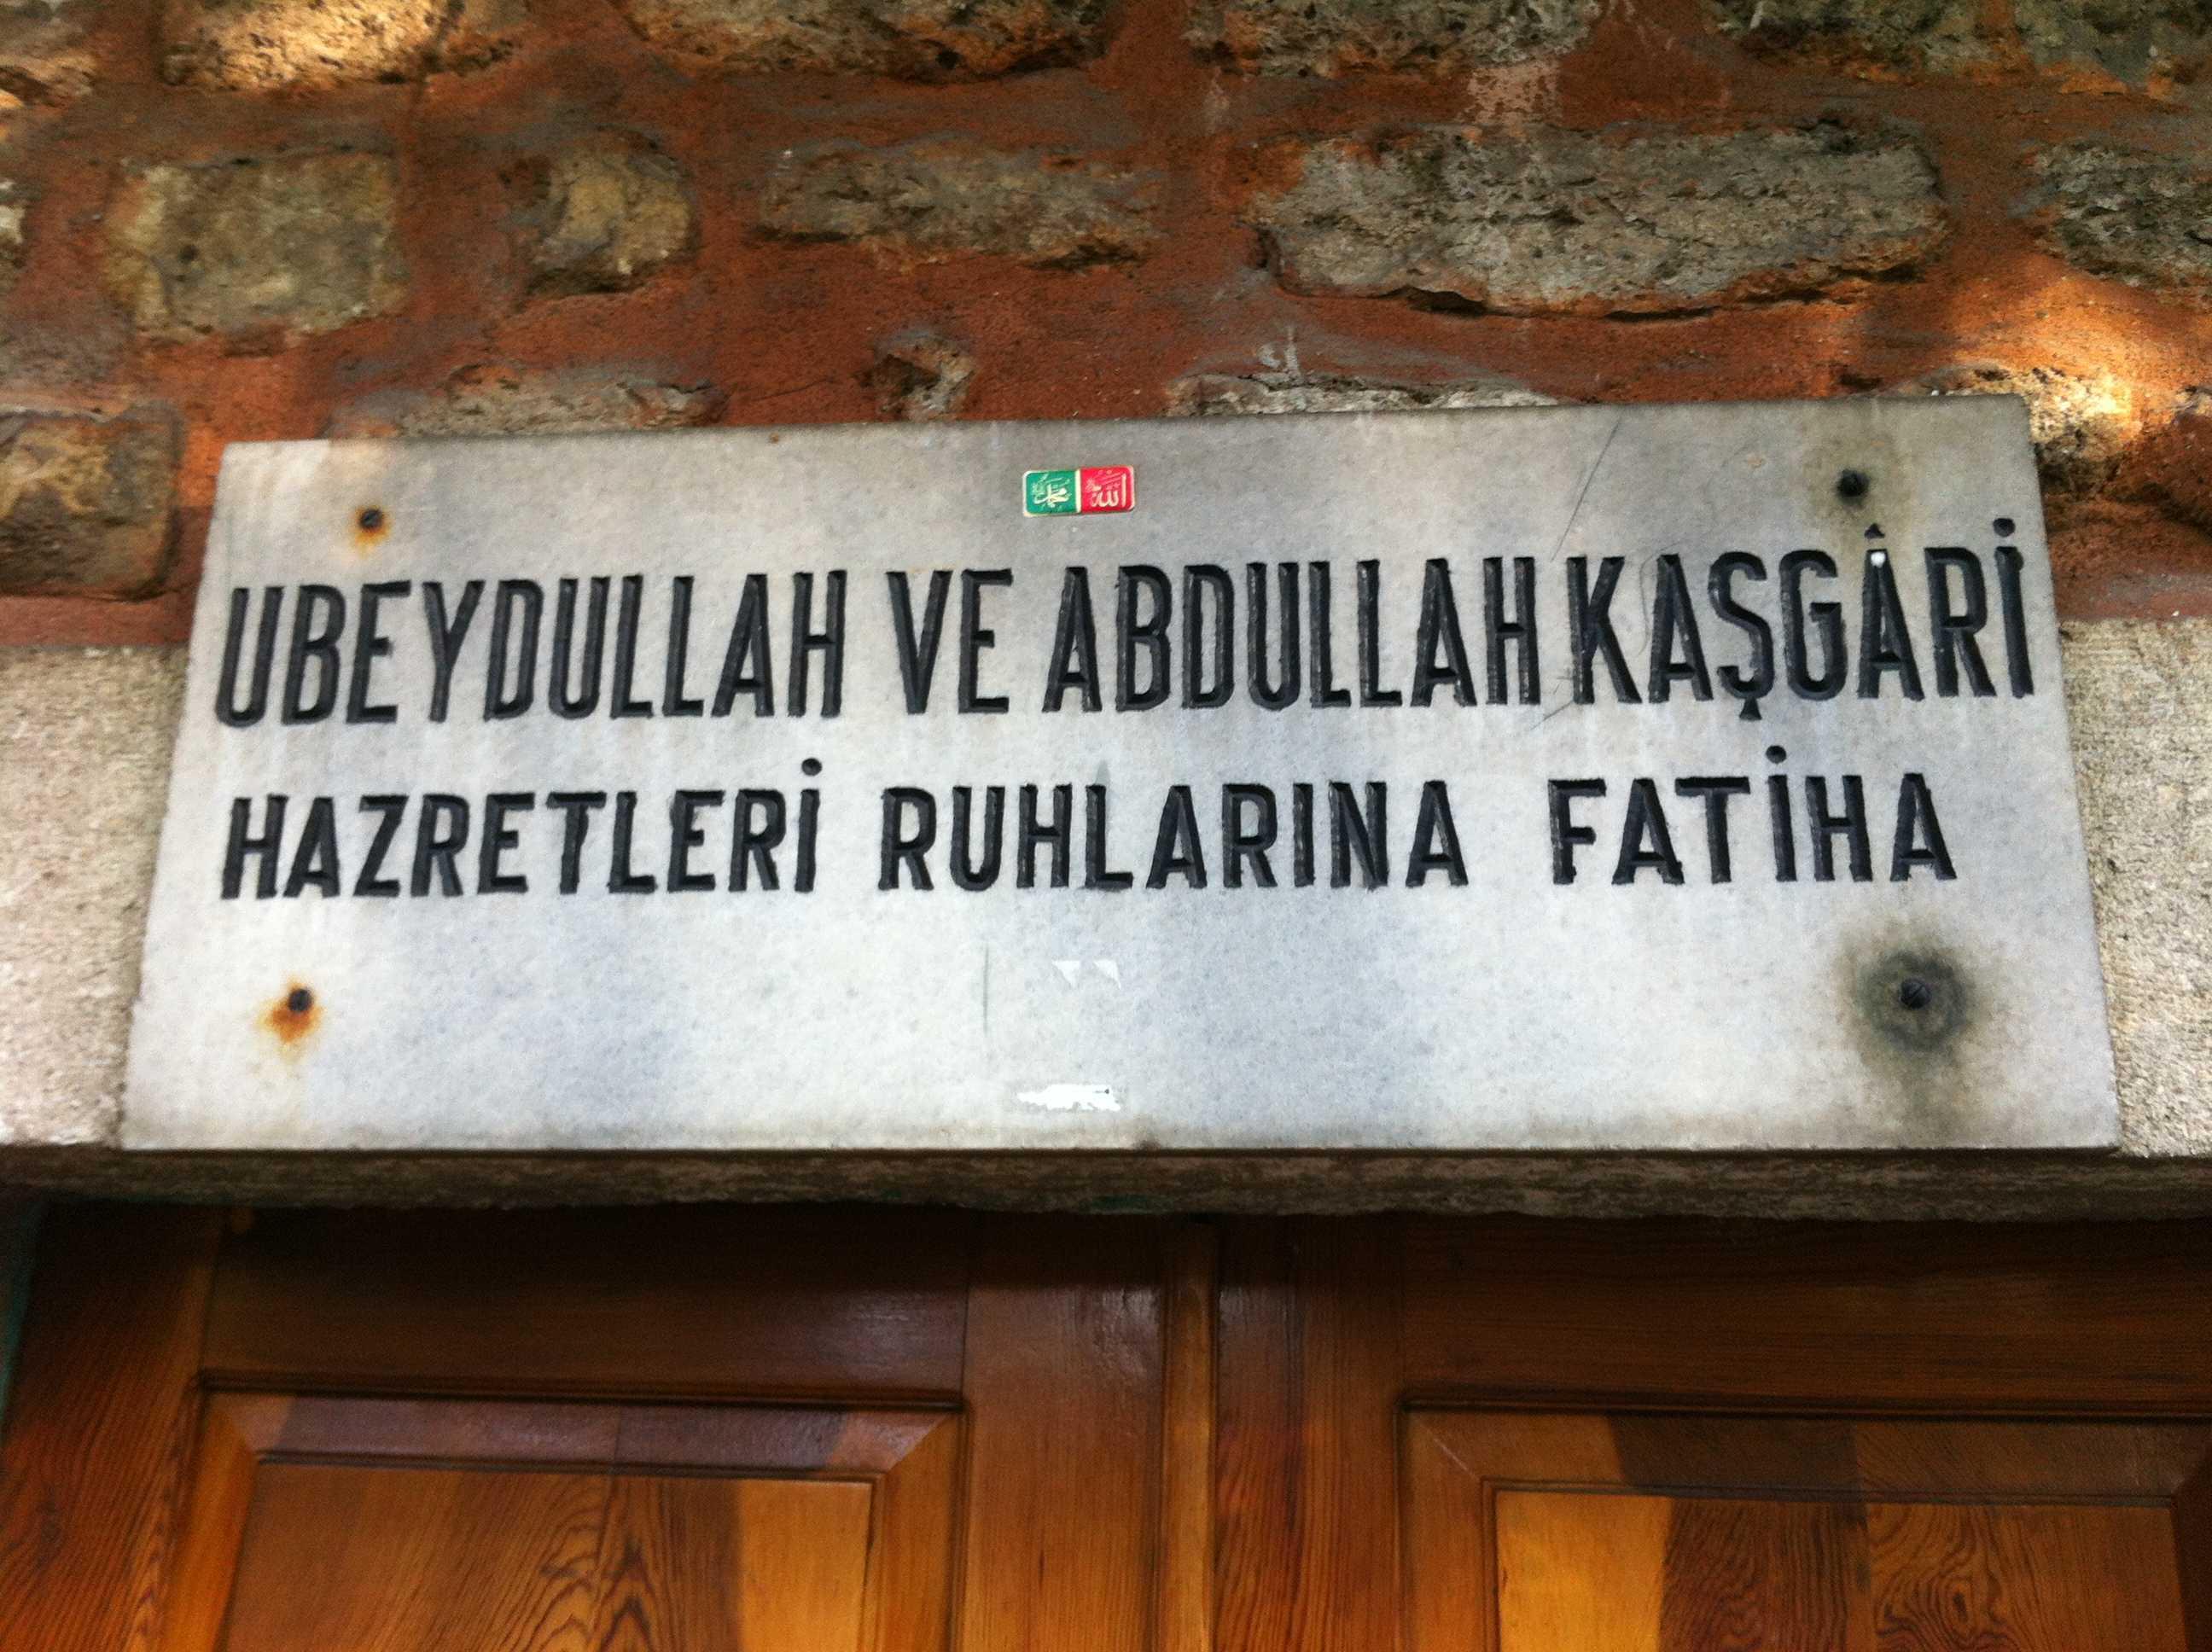 Ubeydullah Kaşgari - Abdullah Kaşgari